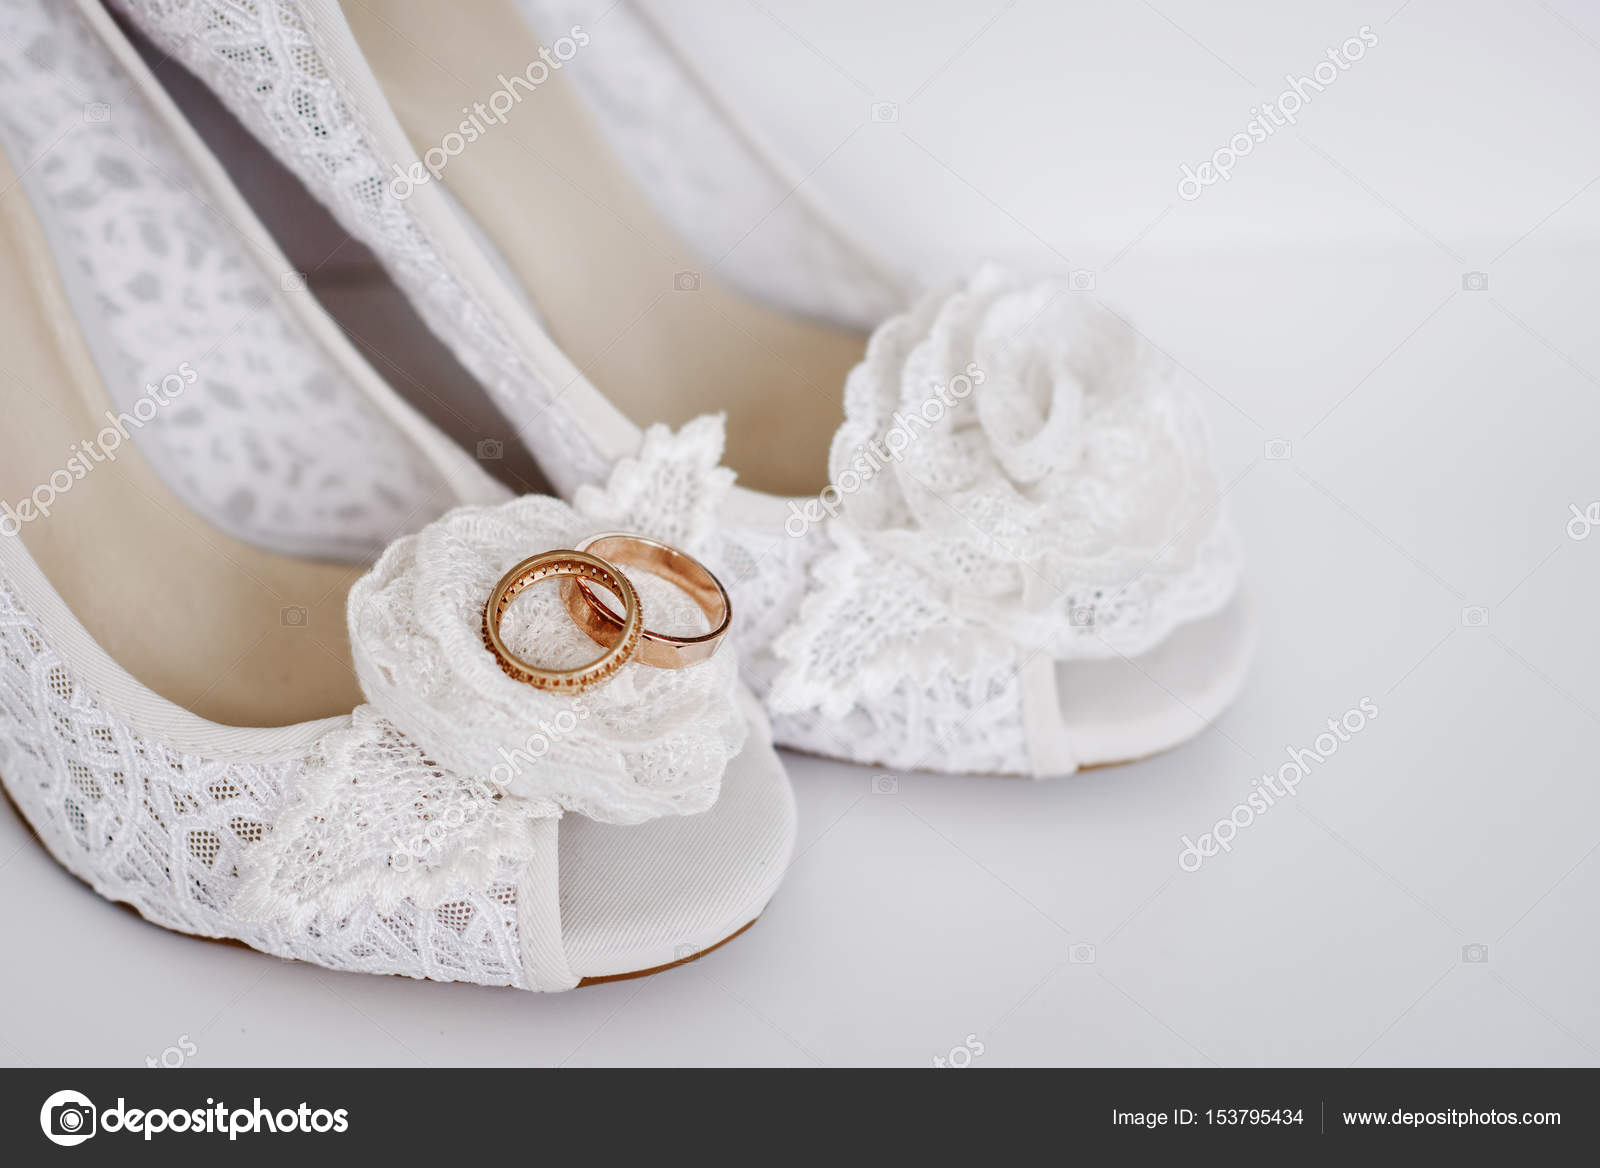 Moderne Hochzeitsschuhe Stockfoto C Shmelevanatalie 153795434